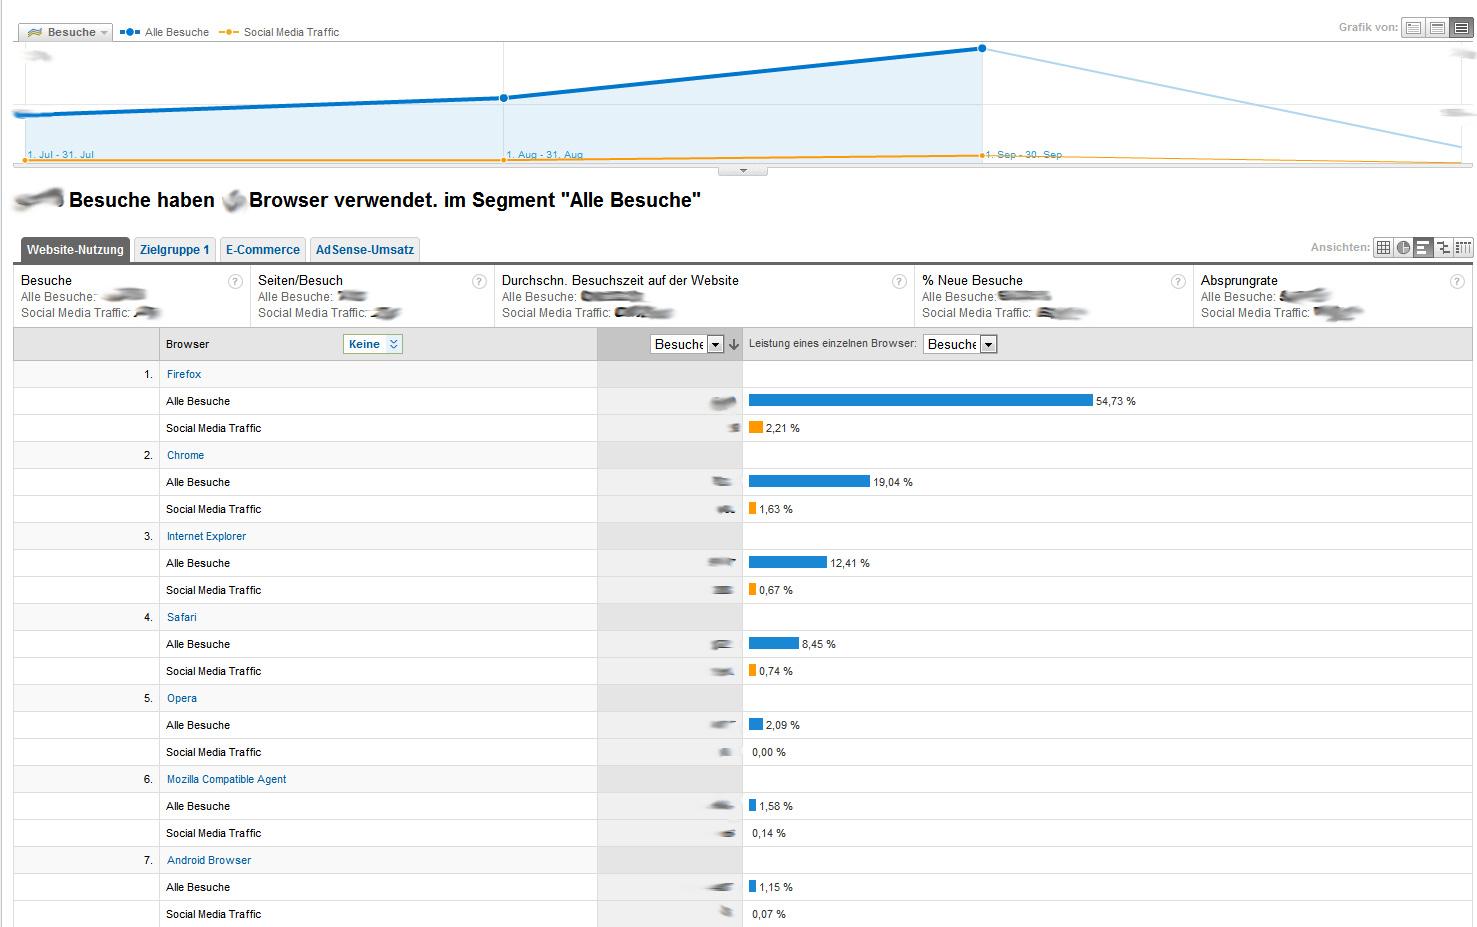 Segmentierung nach Browser